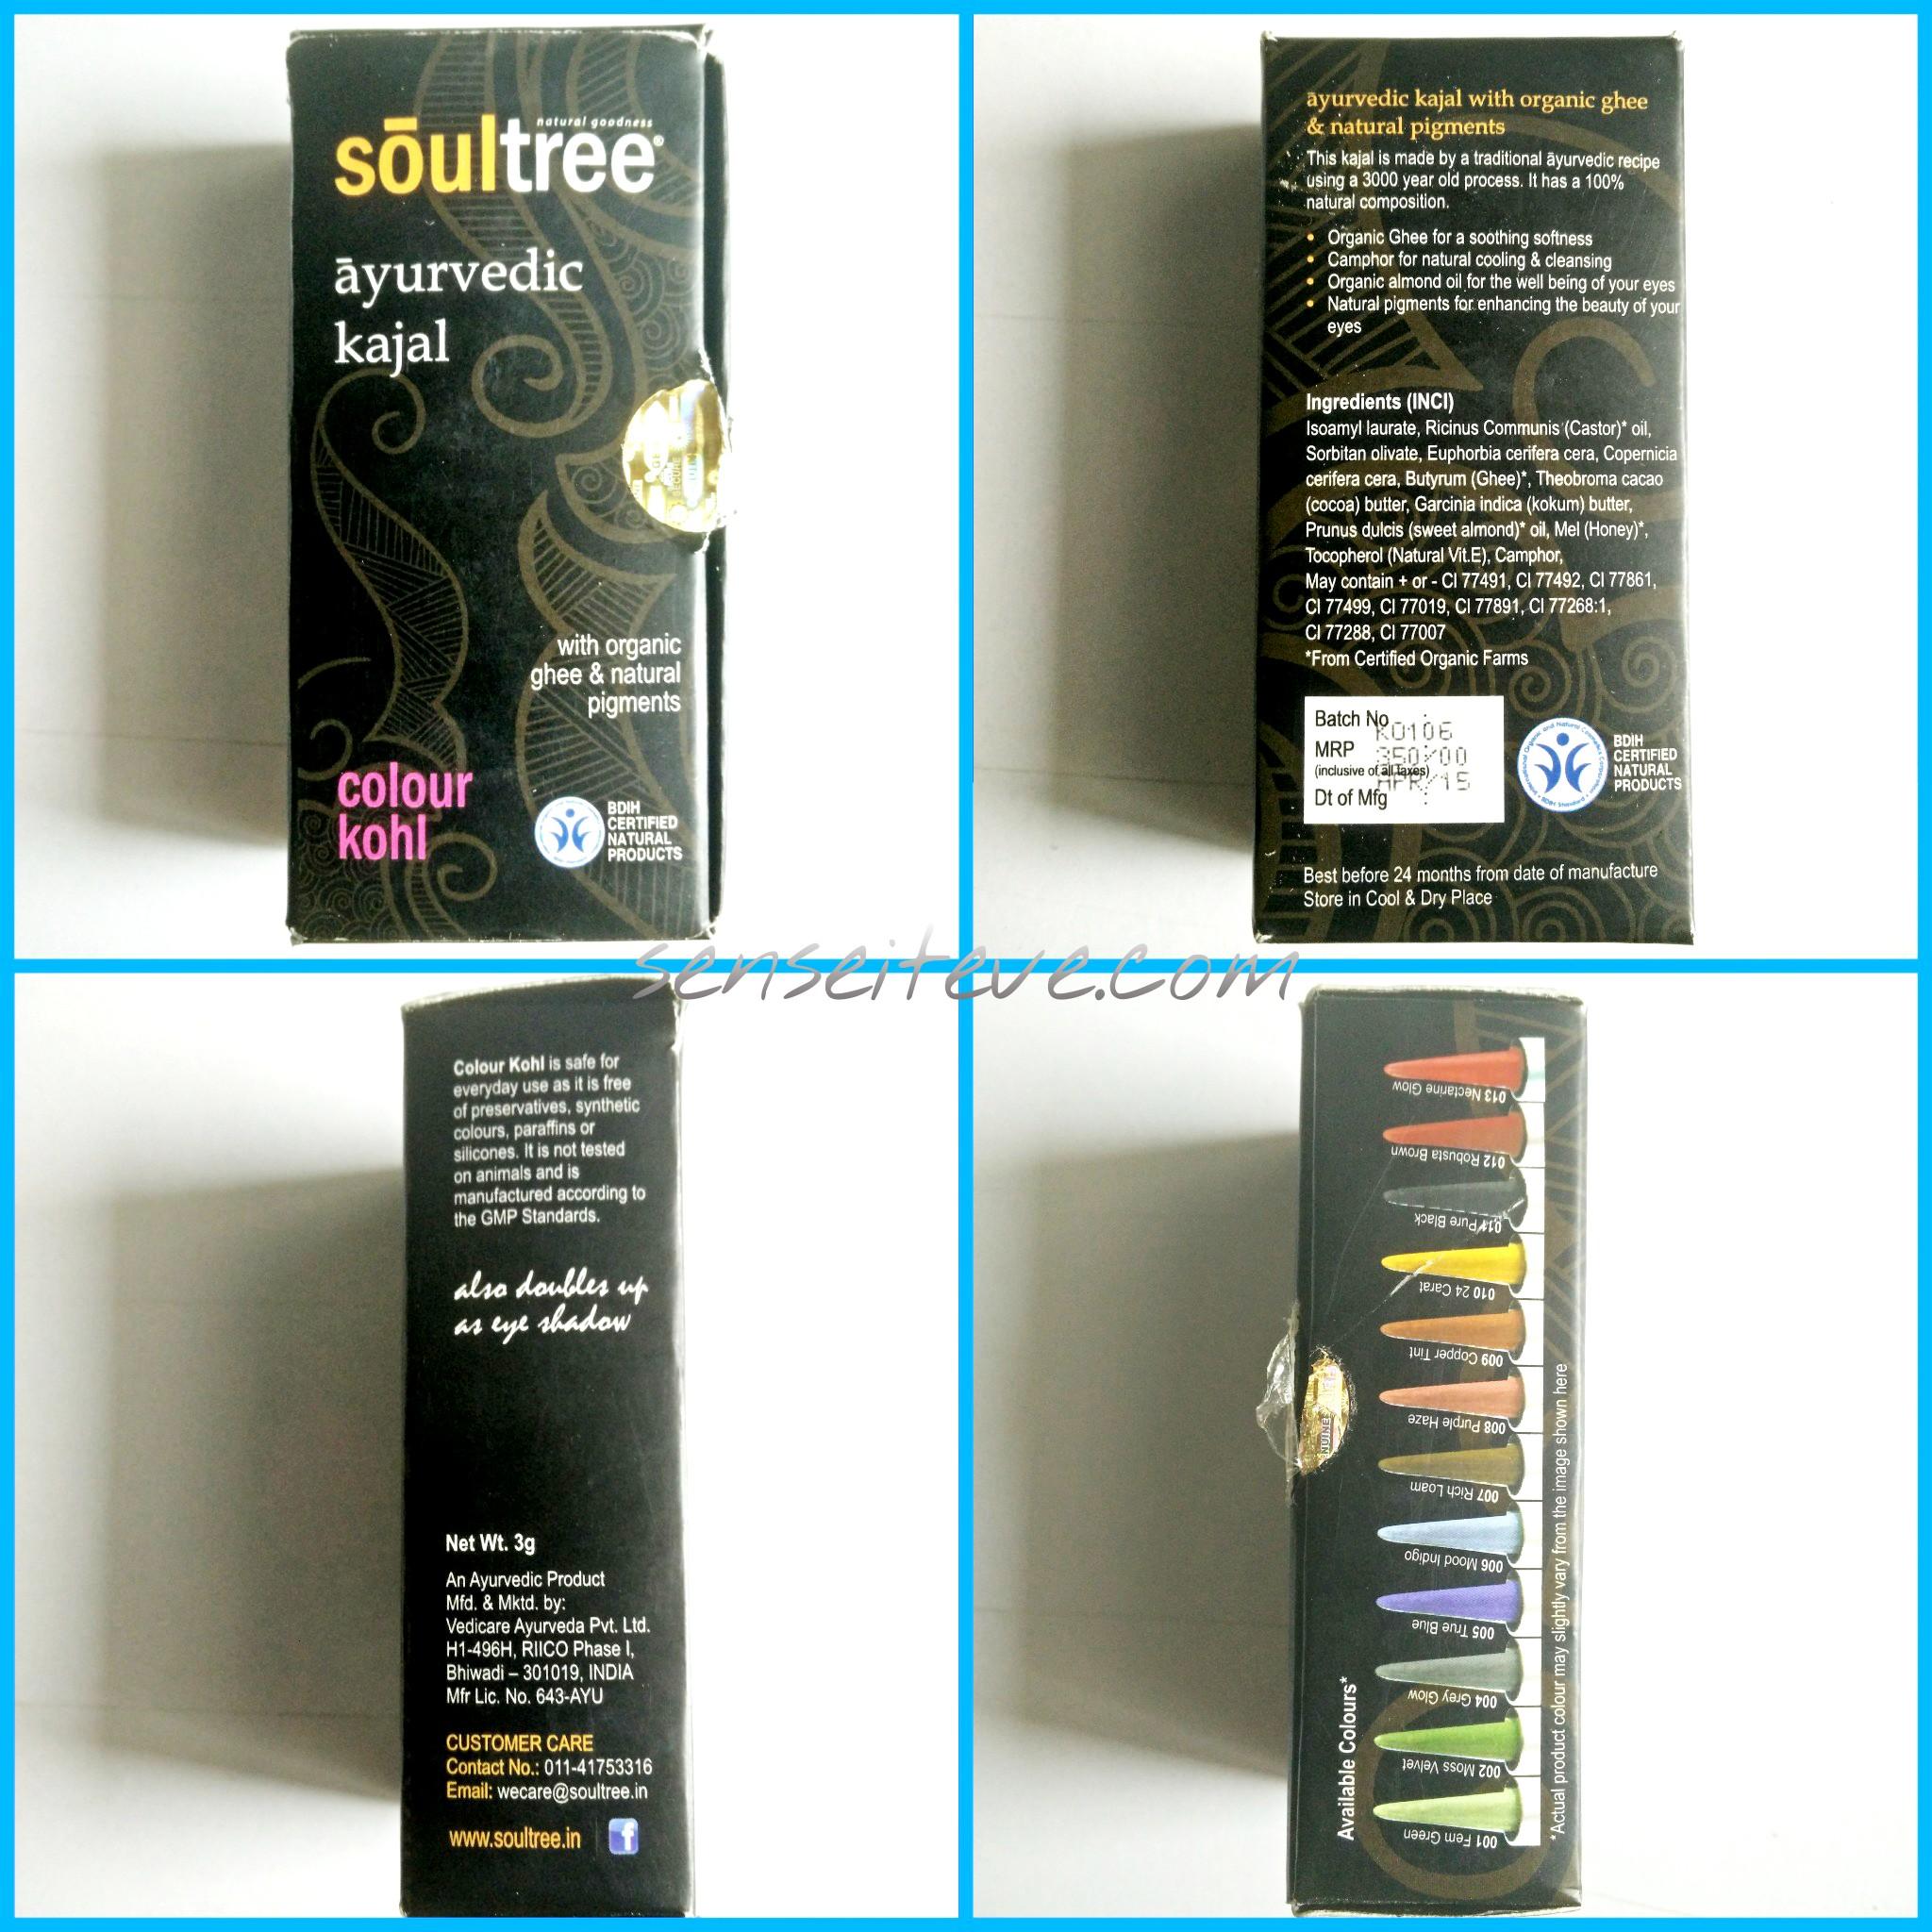 Soultree-Ayurvedic-Kajal